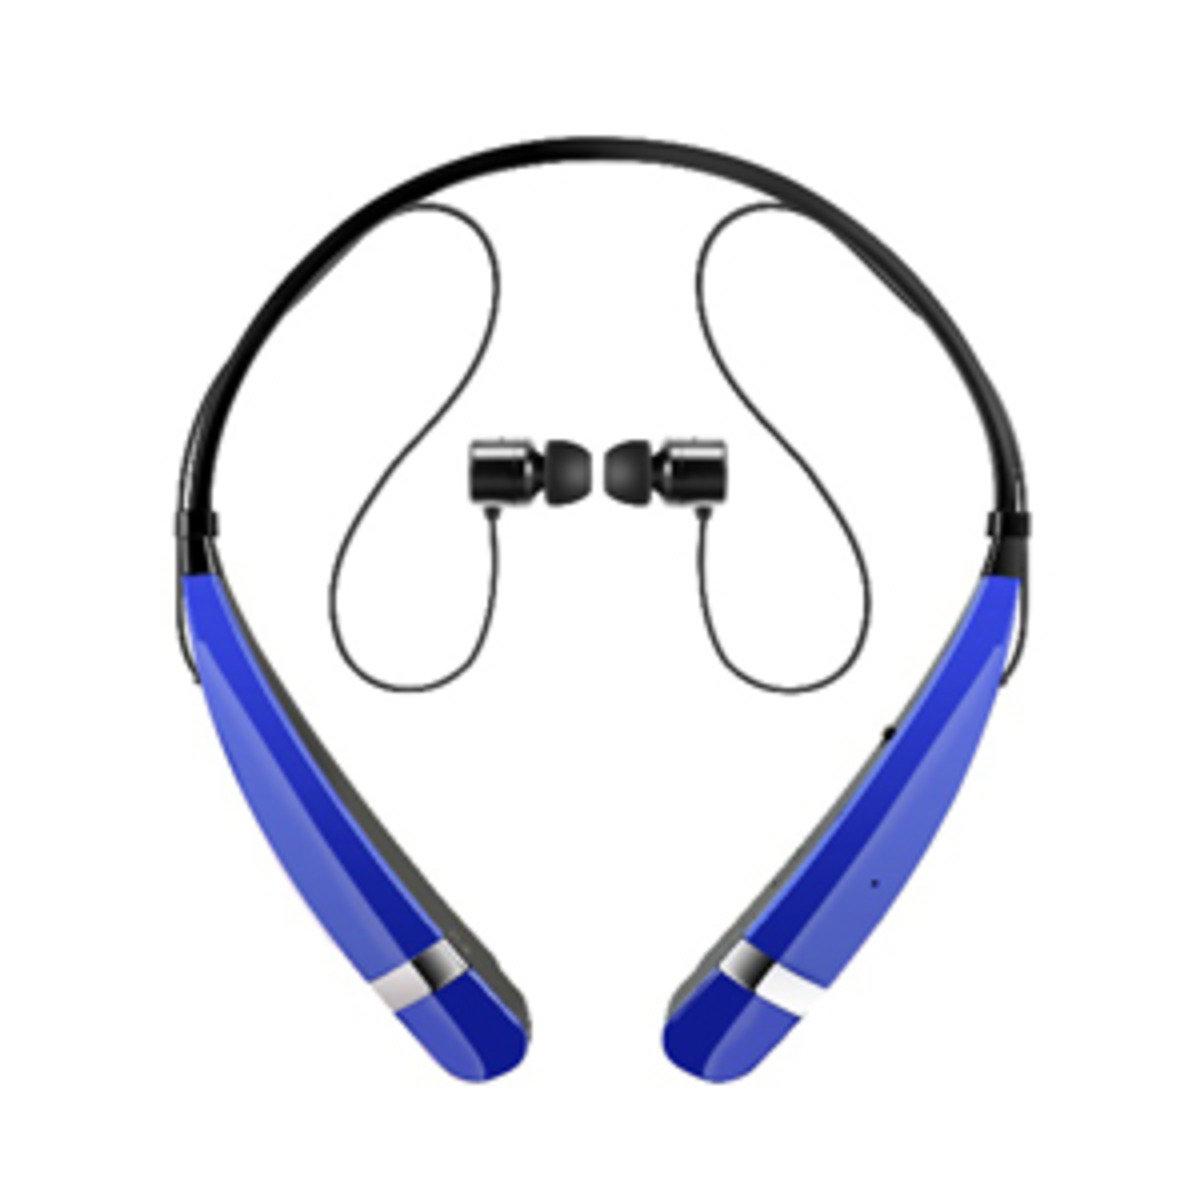 HBS-760 Tone Pro (Colour: Blue)